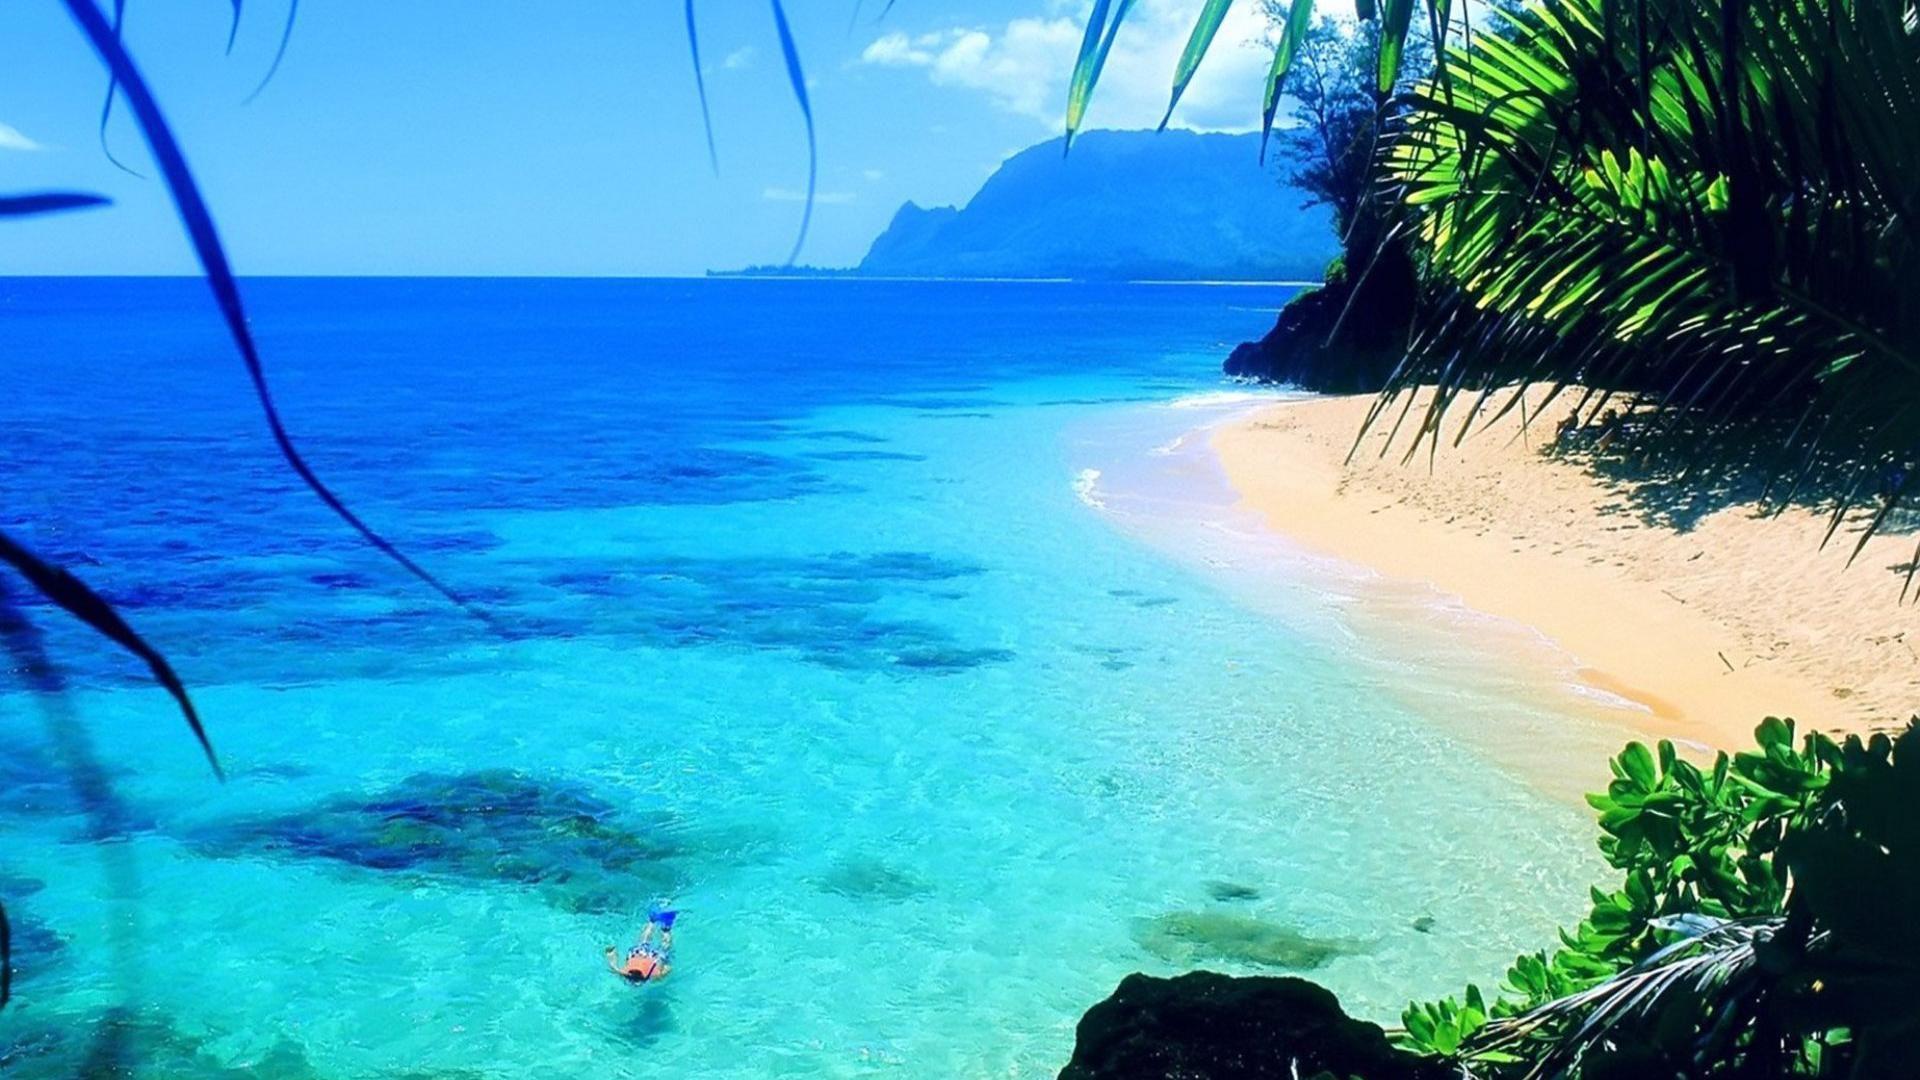 Скачать картинки море пляж обои на рабочий стол 1920x1080 ...